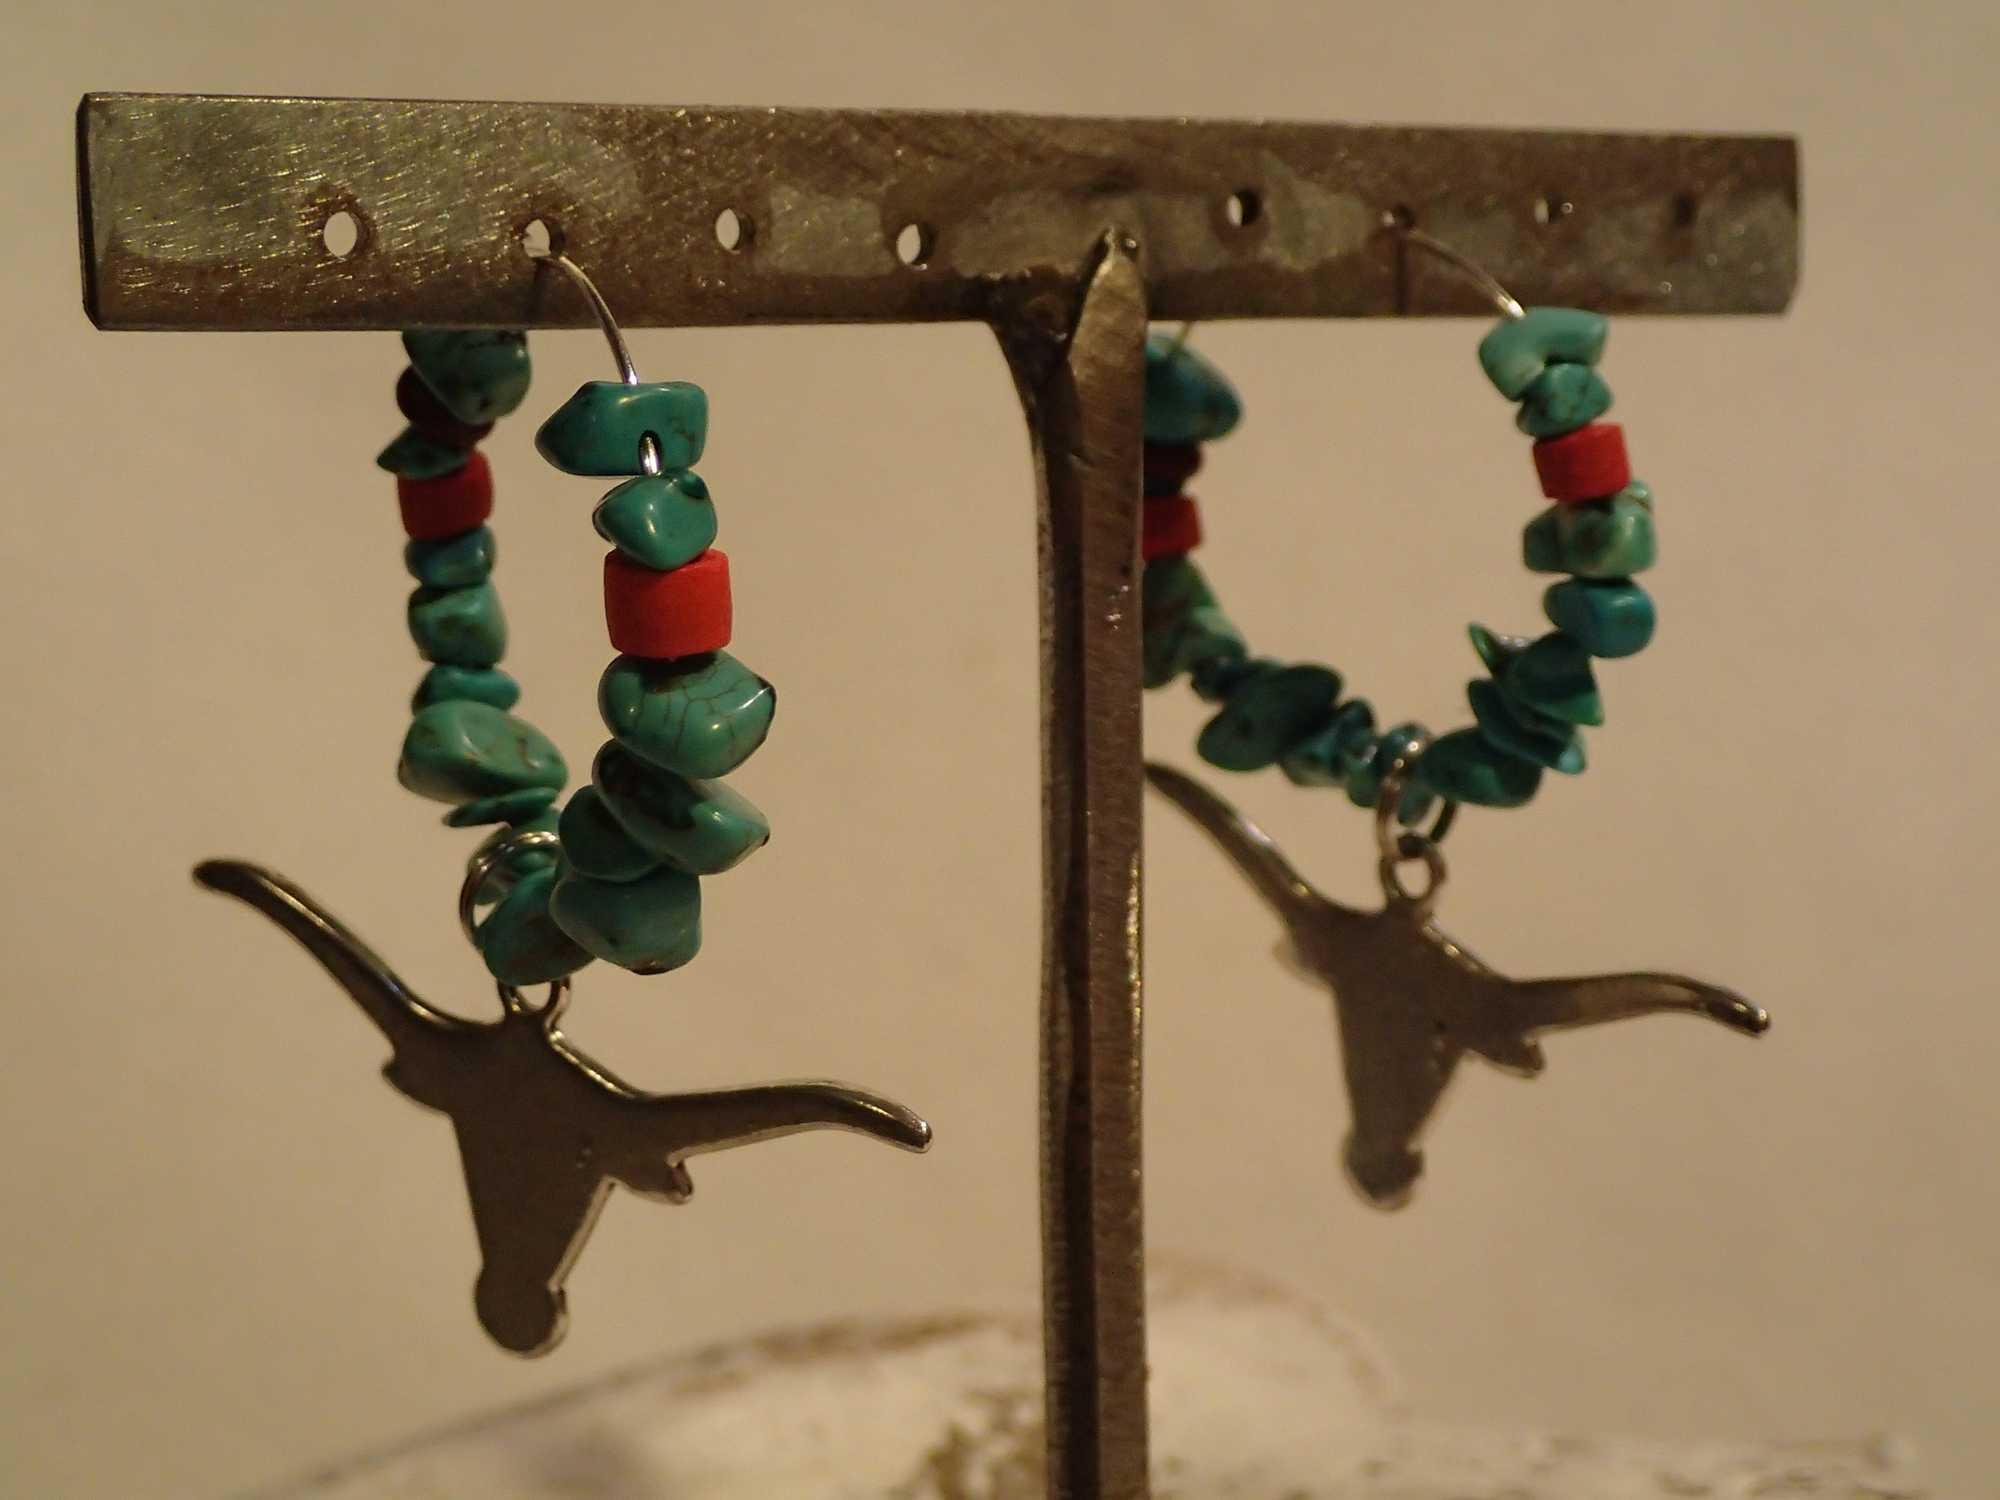 Atome-Crochu-_-product-_-boucles-doreilles-creole-avec-turquoises-et-tete-de-buffle-02